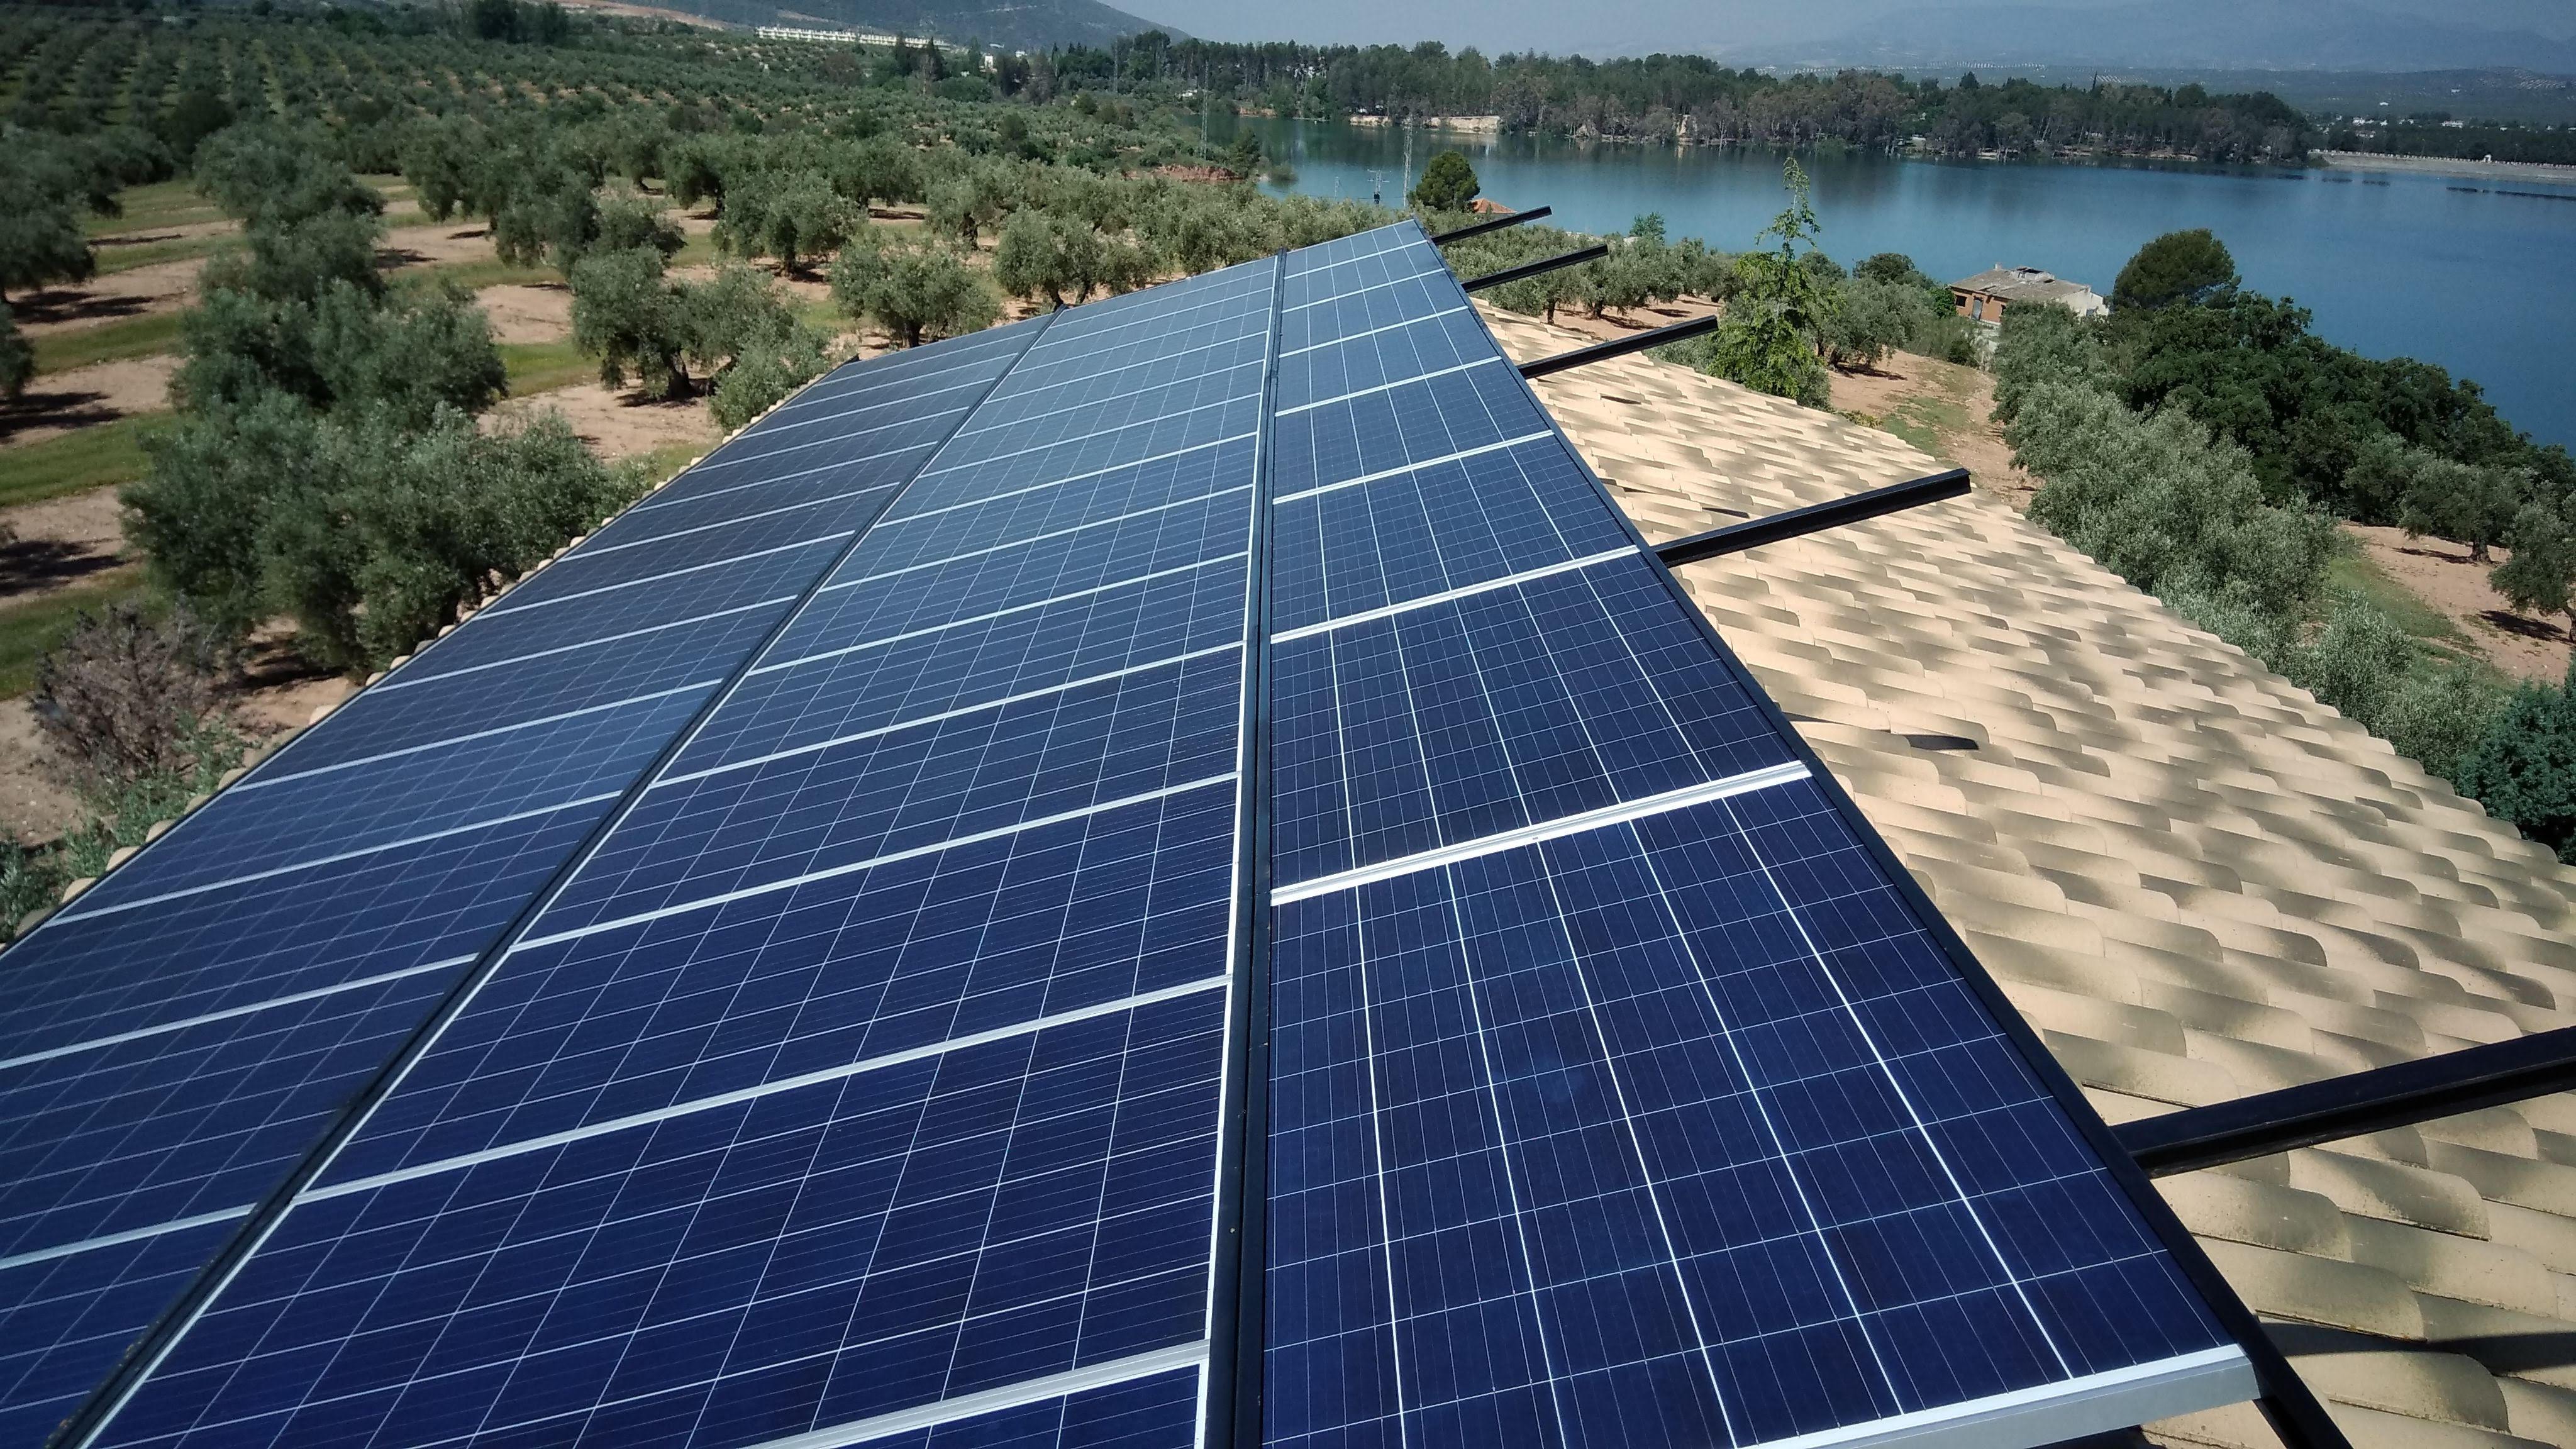 Instalación de placa solar fotovoltaica